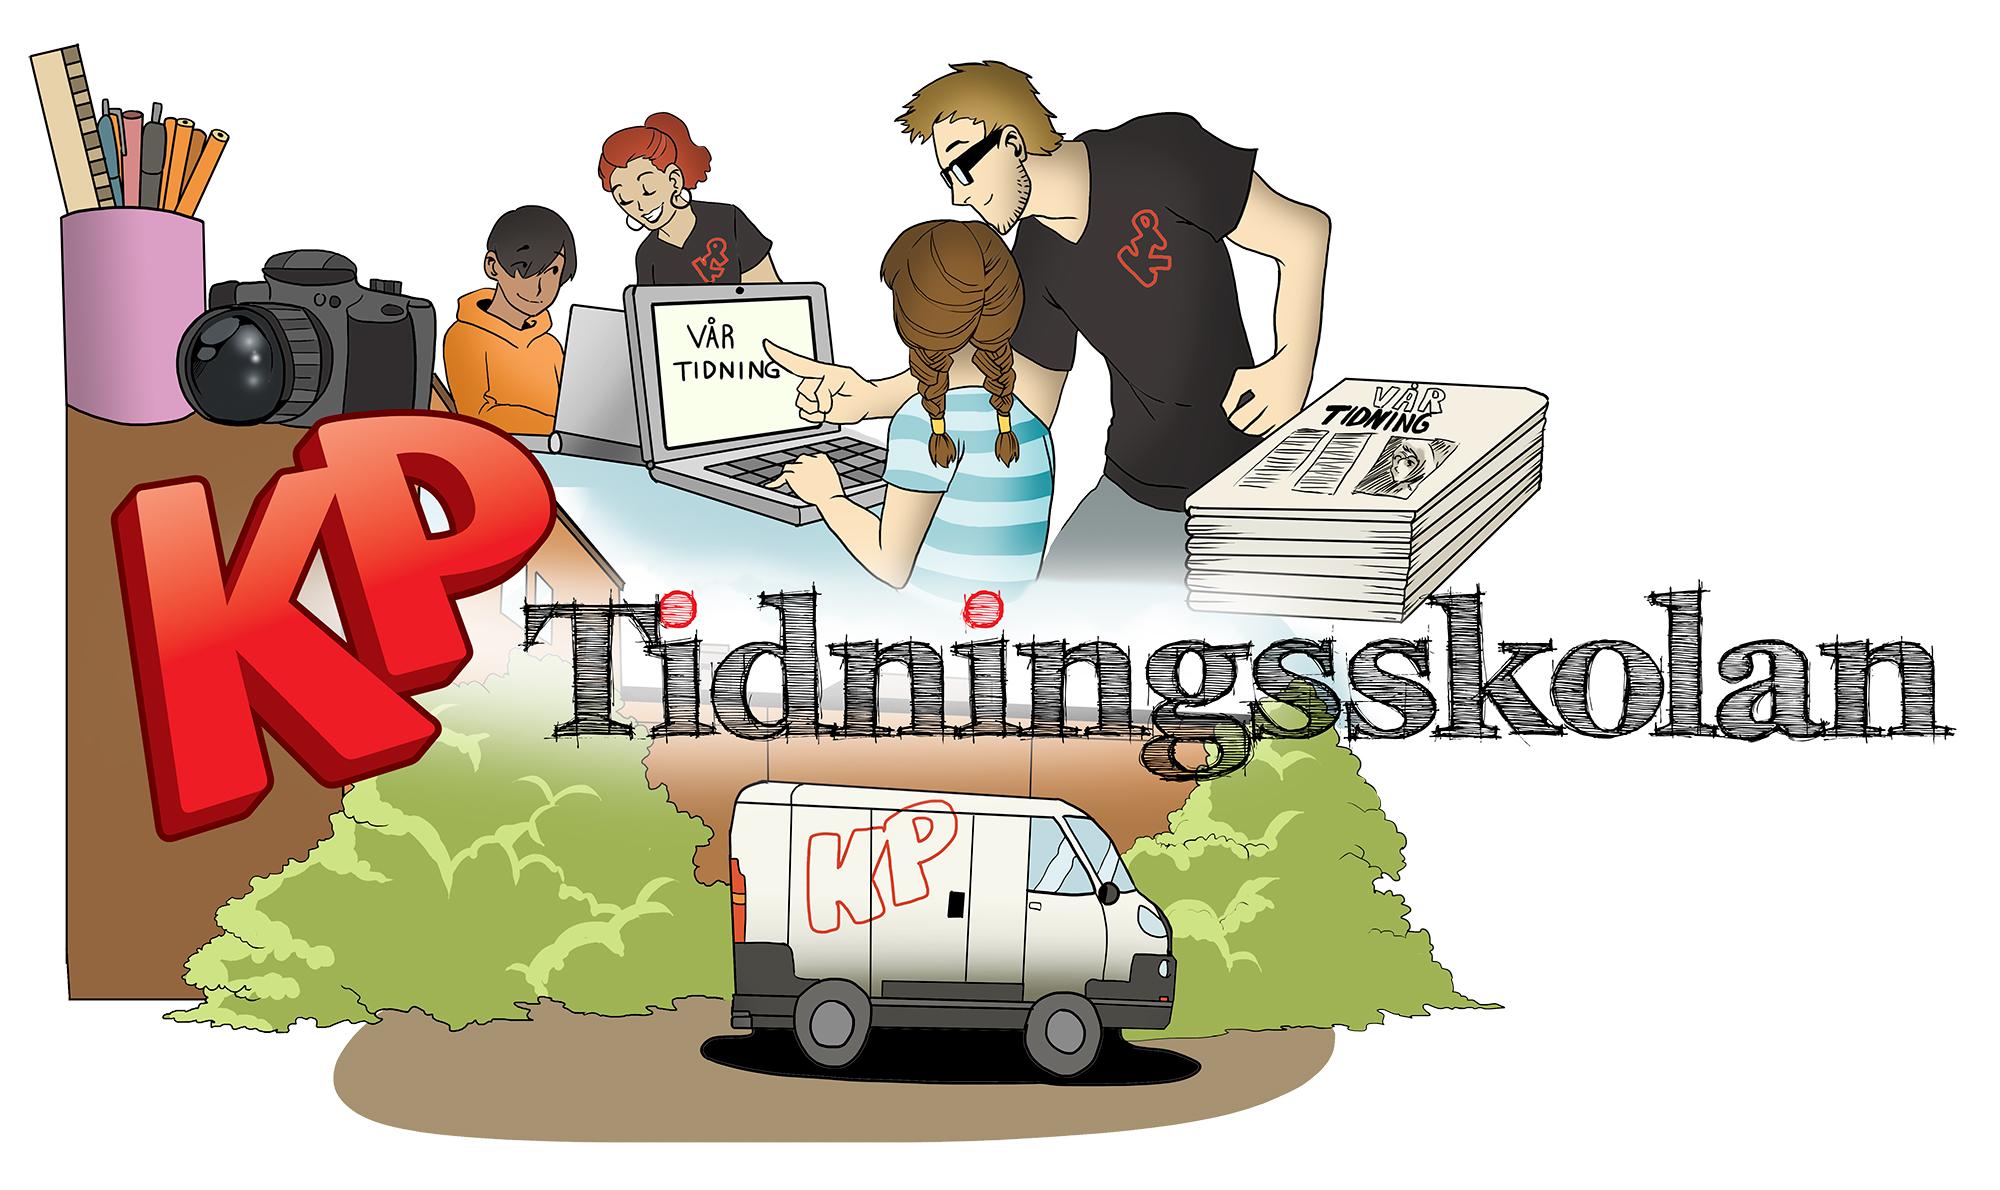 KP_Tidningsskolan_puff